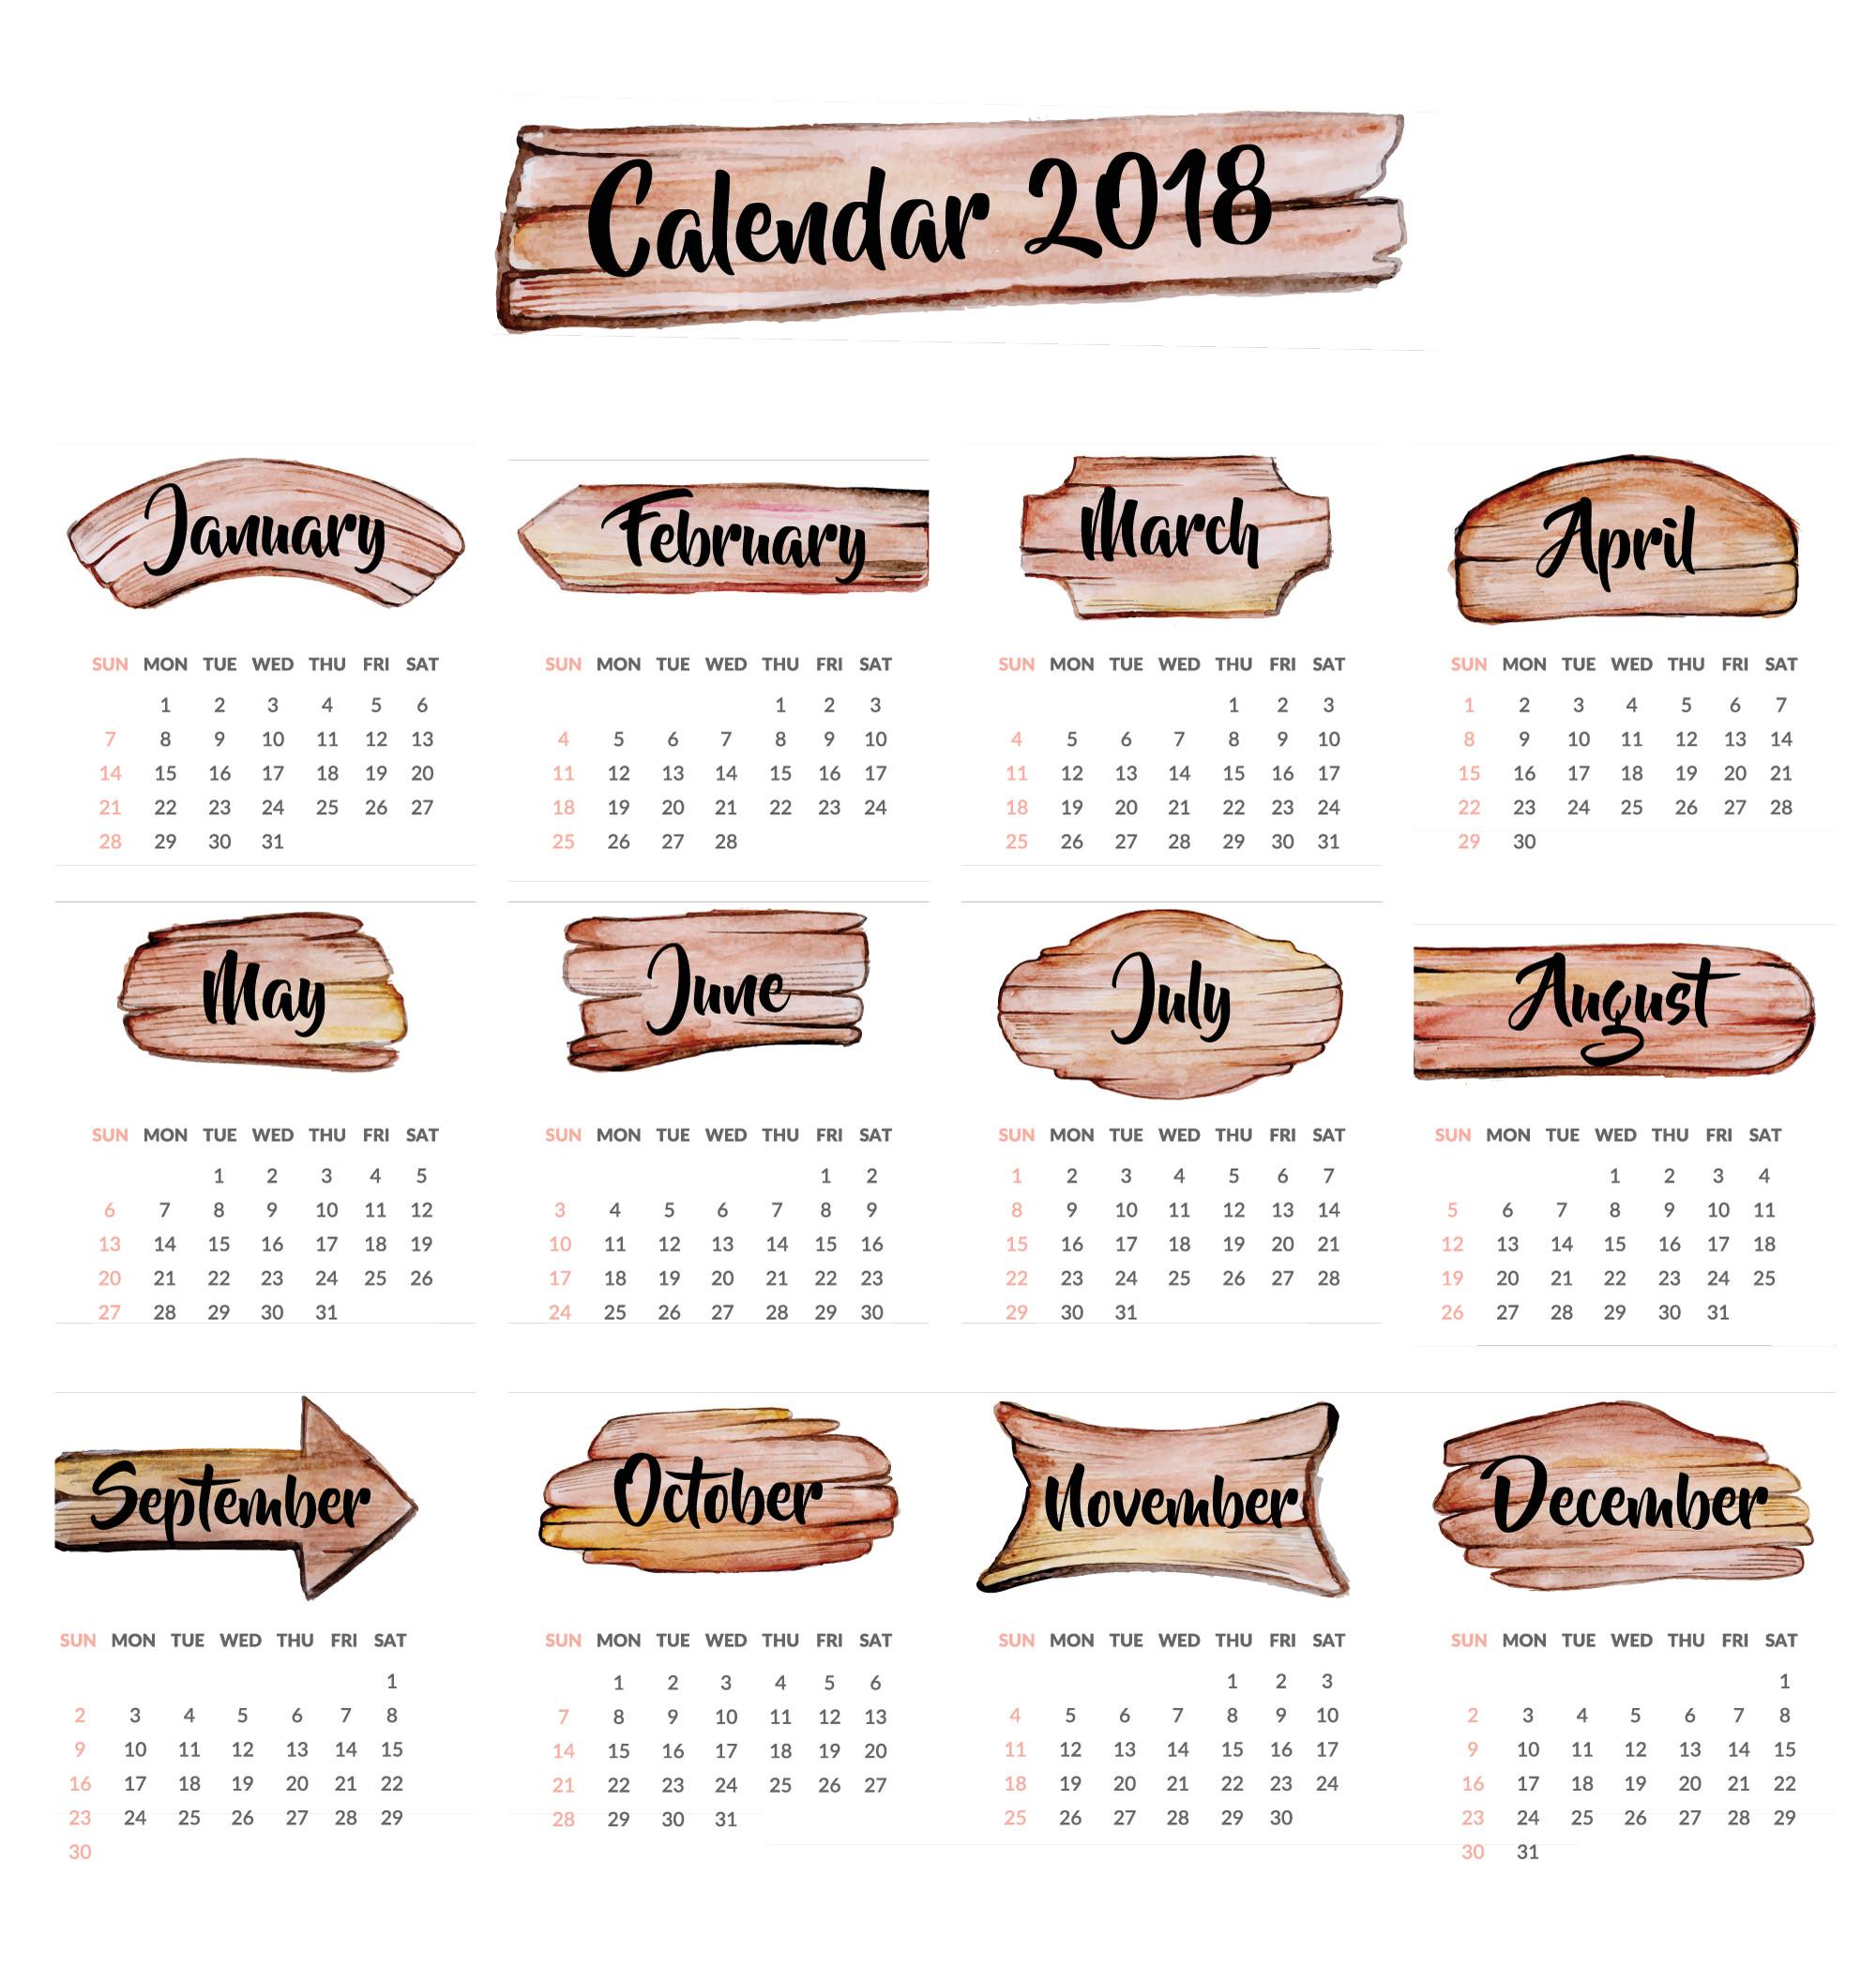 Wallpaper Of Calendar : Wallpapers with calendar ·①